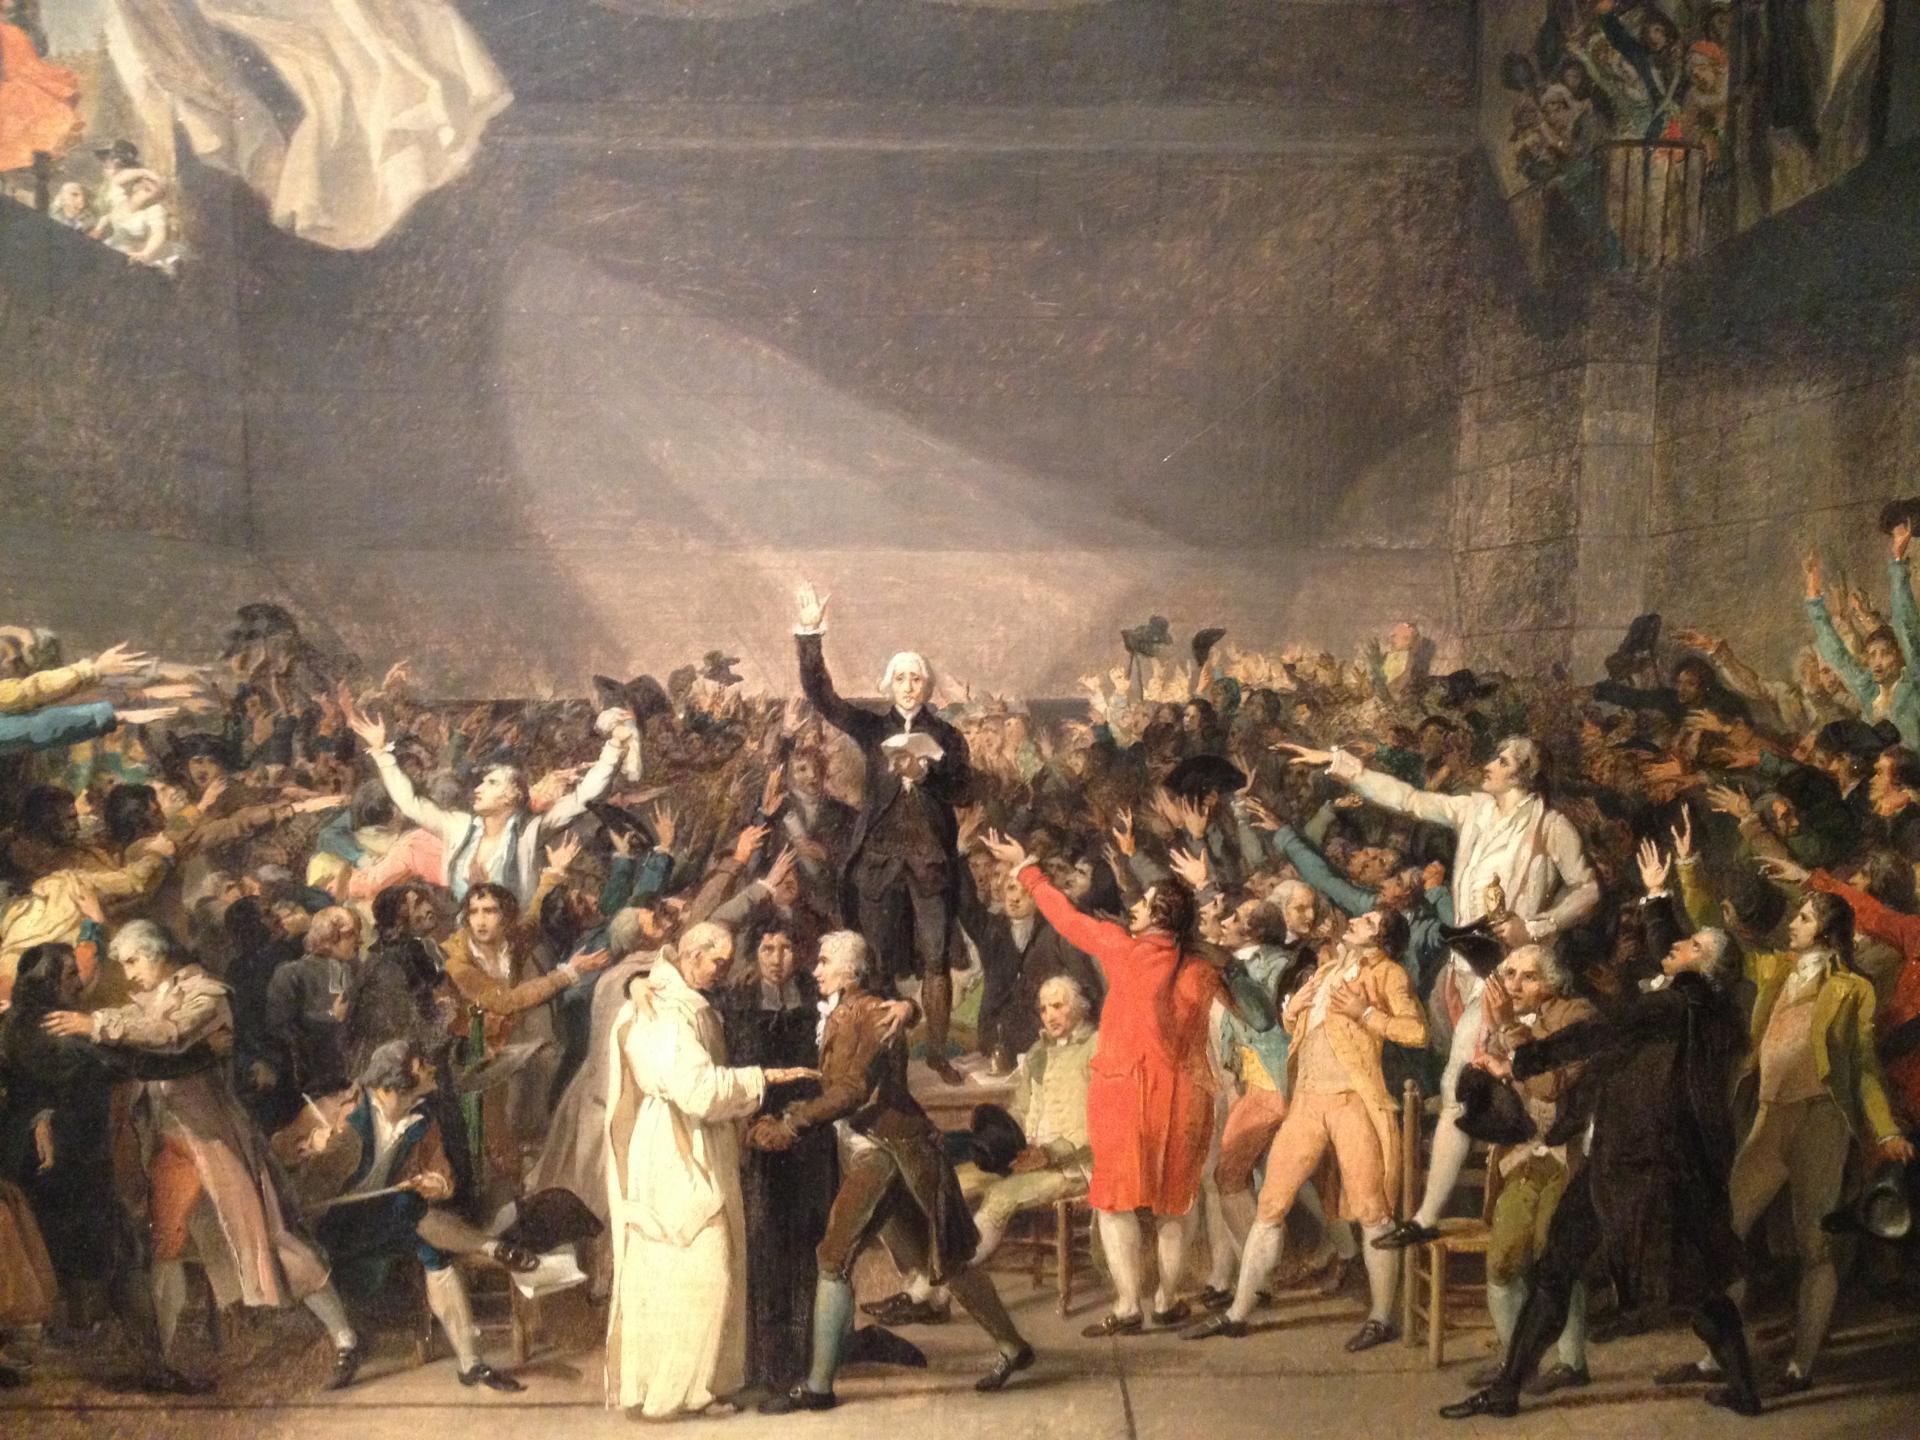 Quel peintre a réalisé un tableau très célèbre de cet événement ? (cliquez sur l'image)